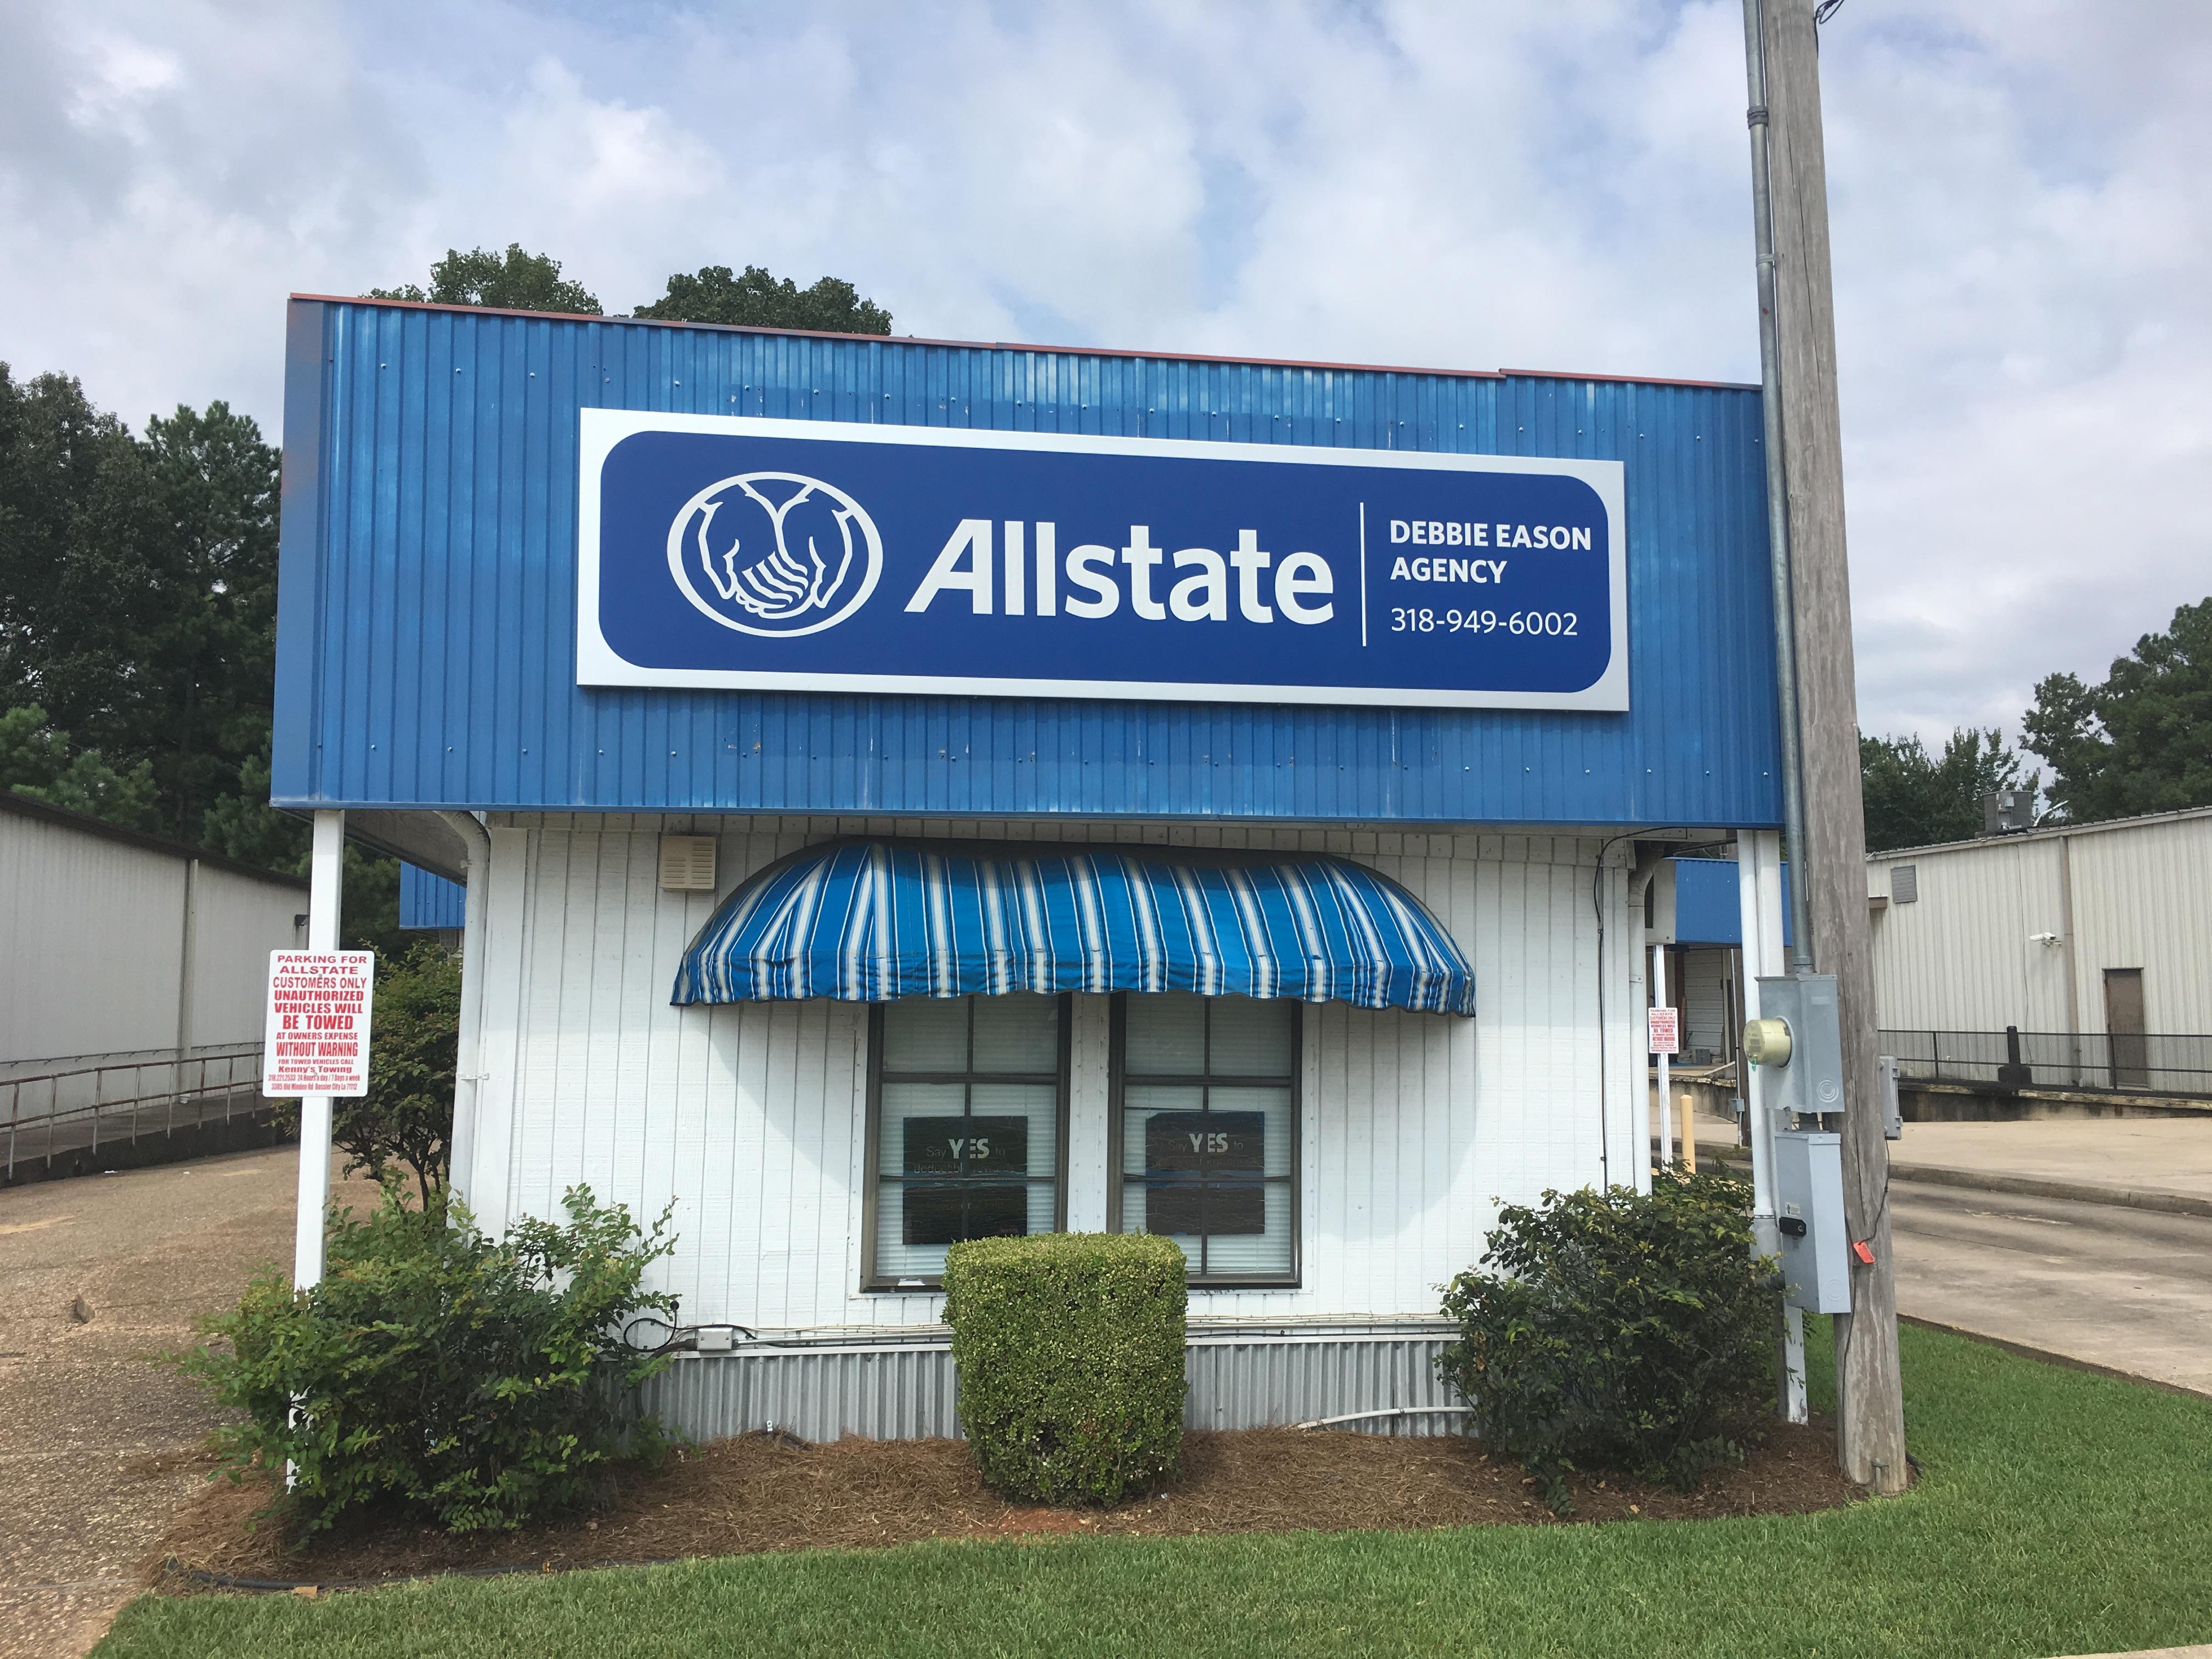 Allstate Insurance Agent: Debbie Eason image 2